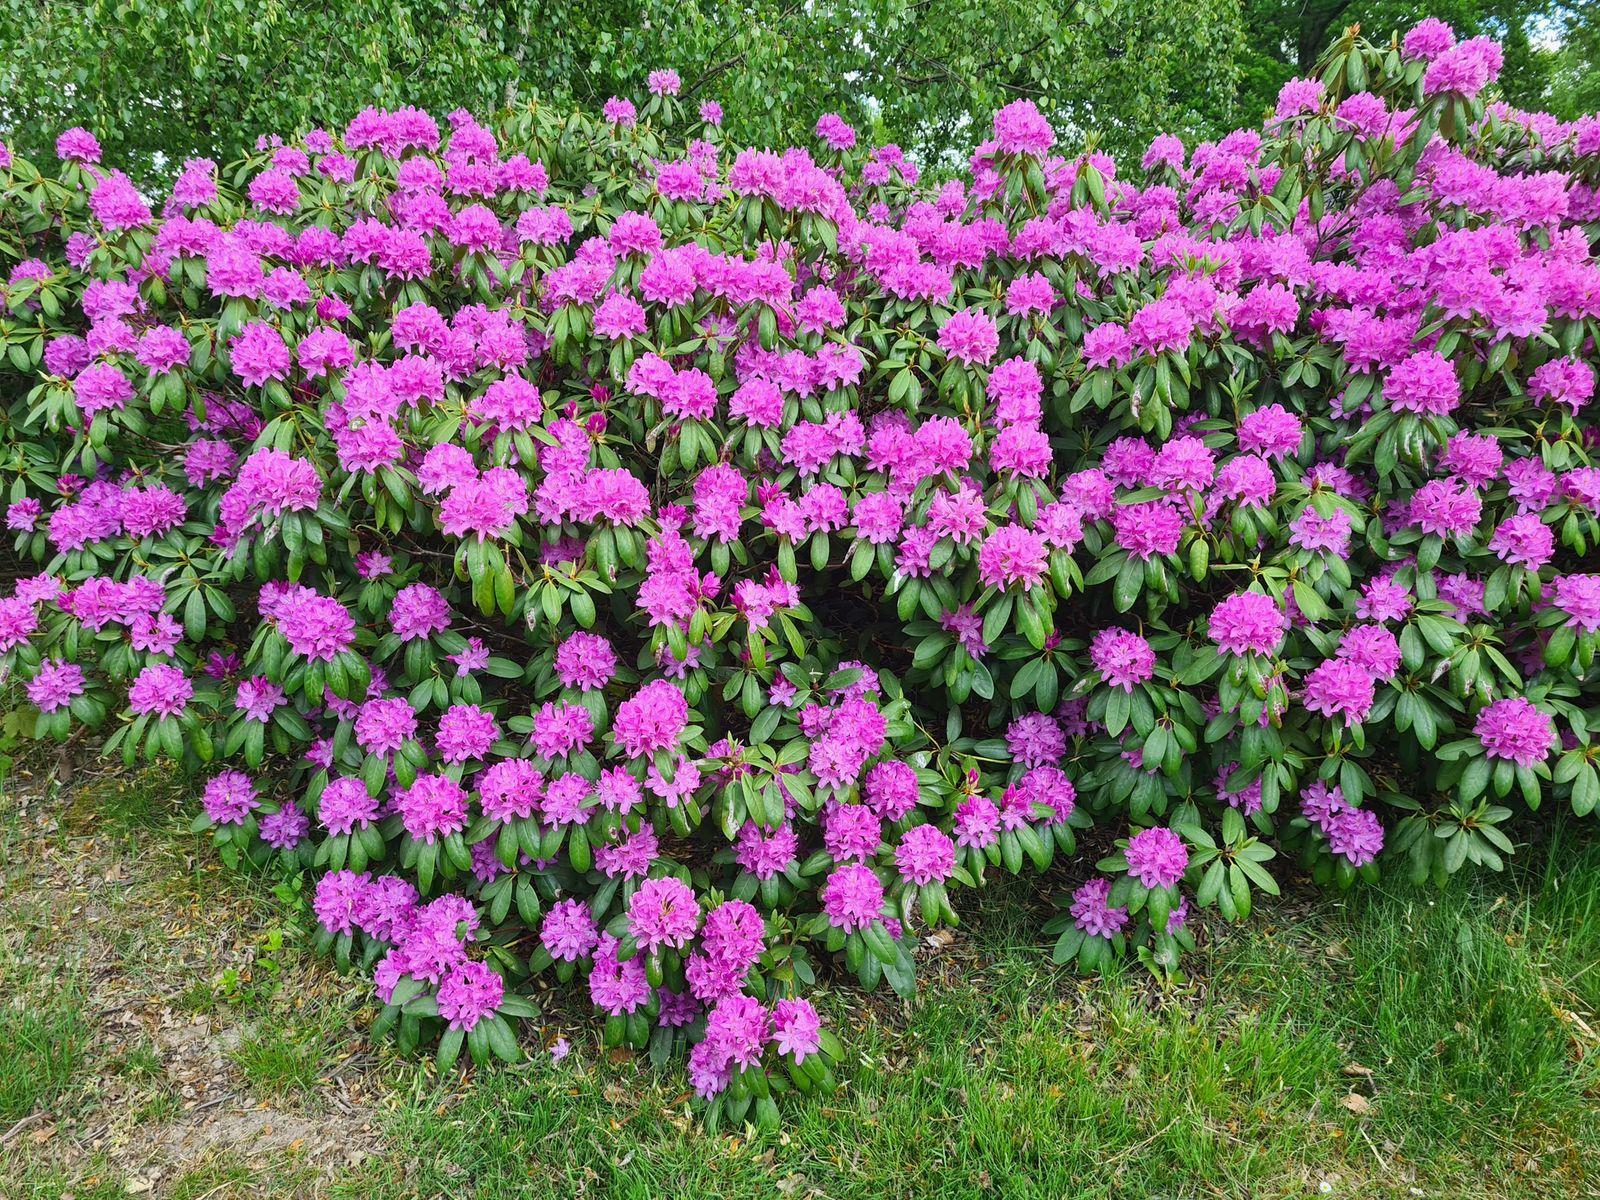 Rhododendron - groenblijvende heesters